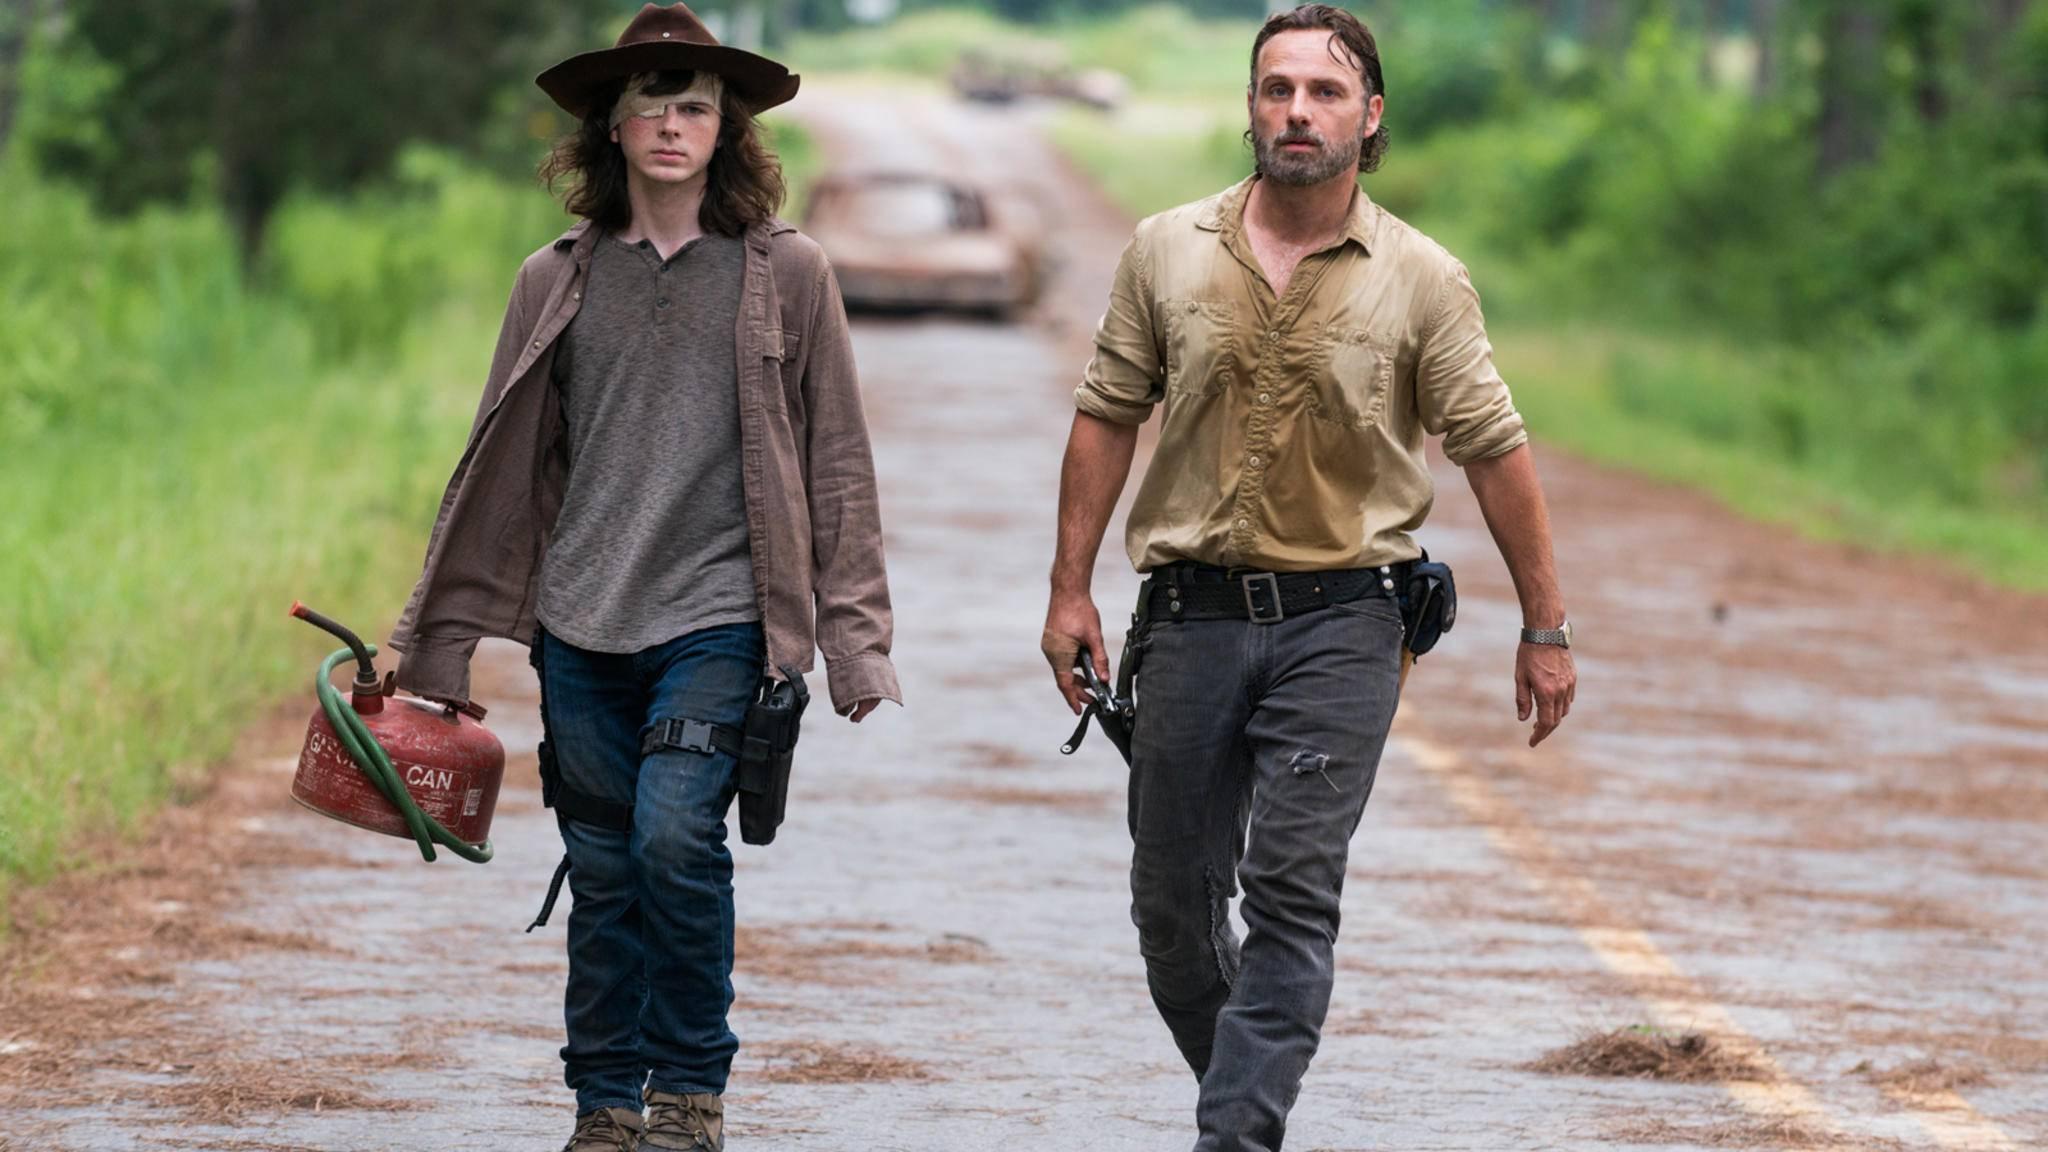 """Carl wird in """"The Walking Dead"""" noch lange seine Spuren hinterlassen."""